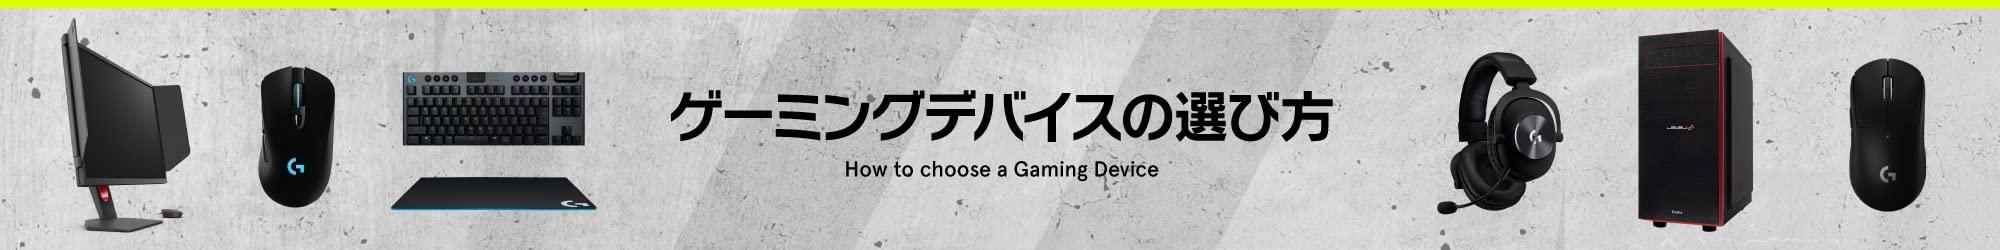 ゲーミングデバイスの選び方